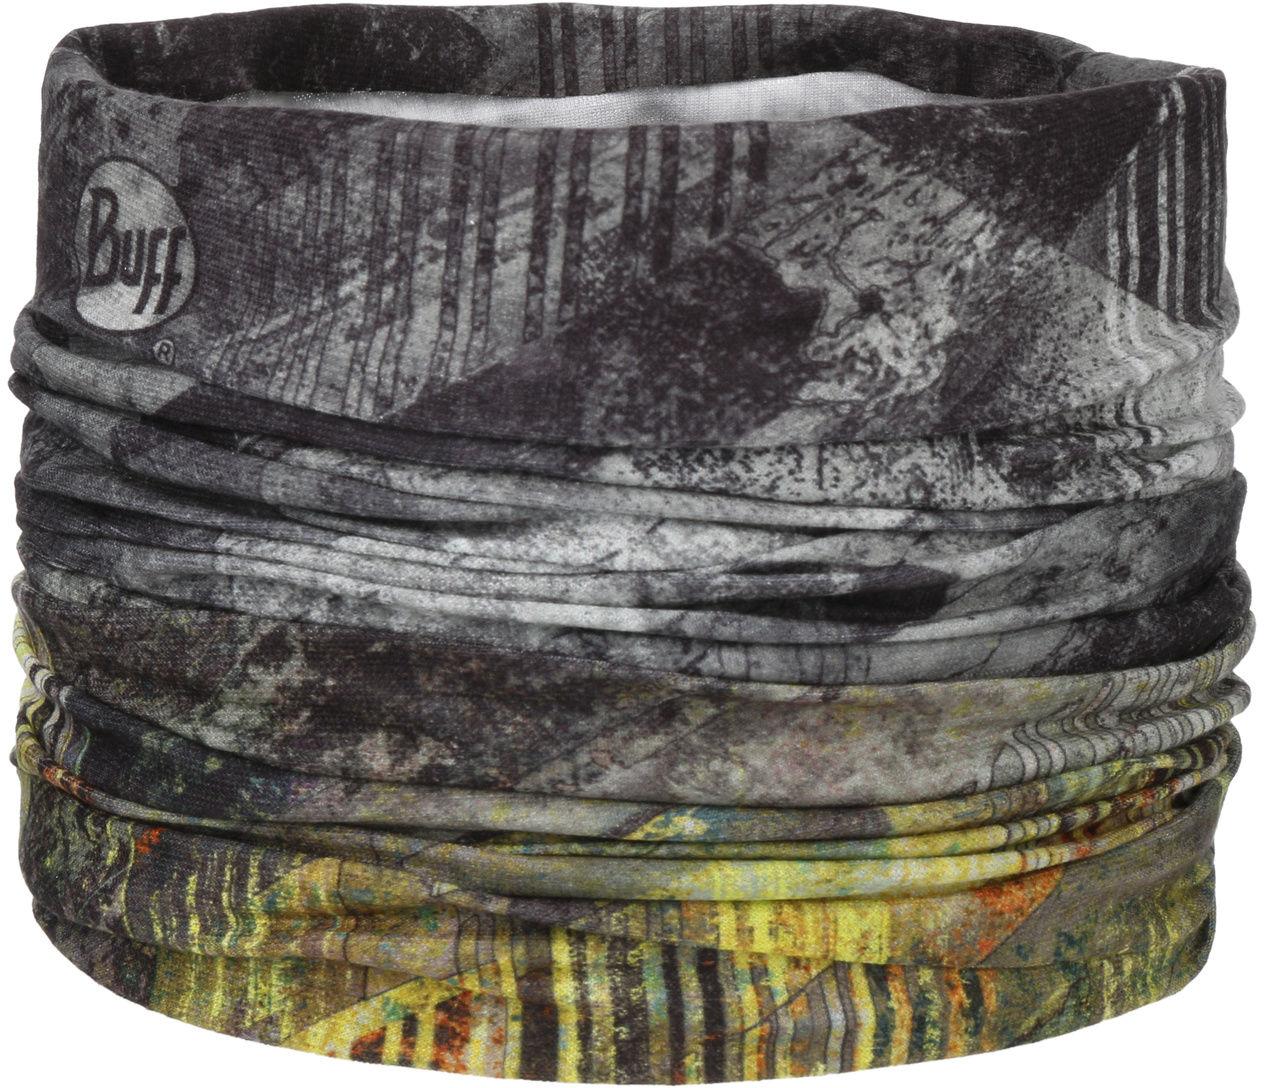 Chustka Wielozadaniowa Concrete Grey by BUFF, szary, One Size